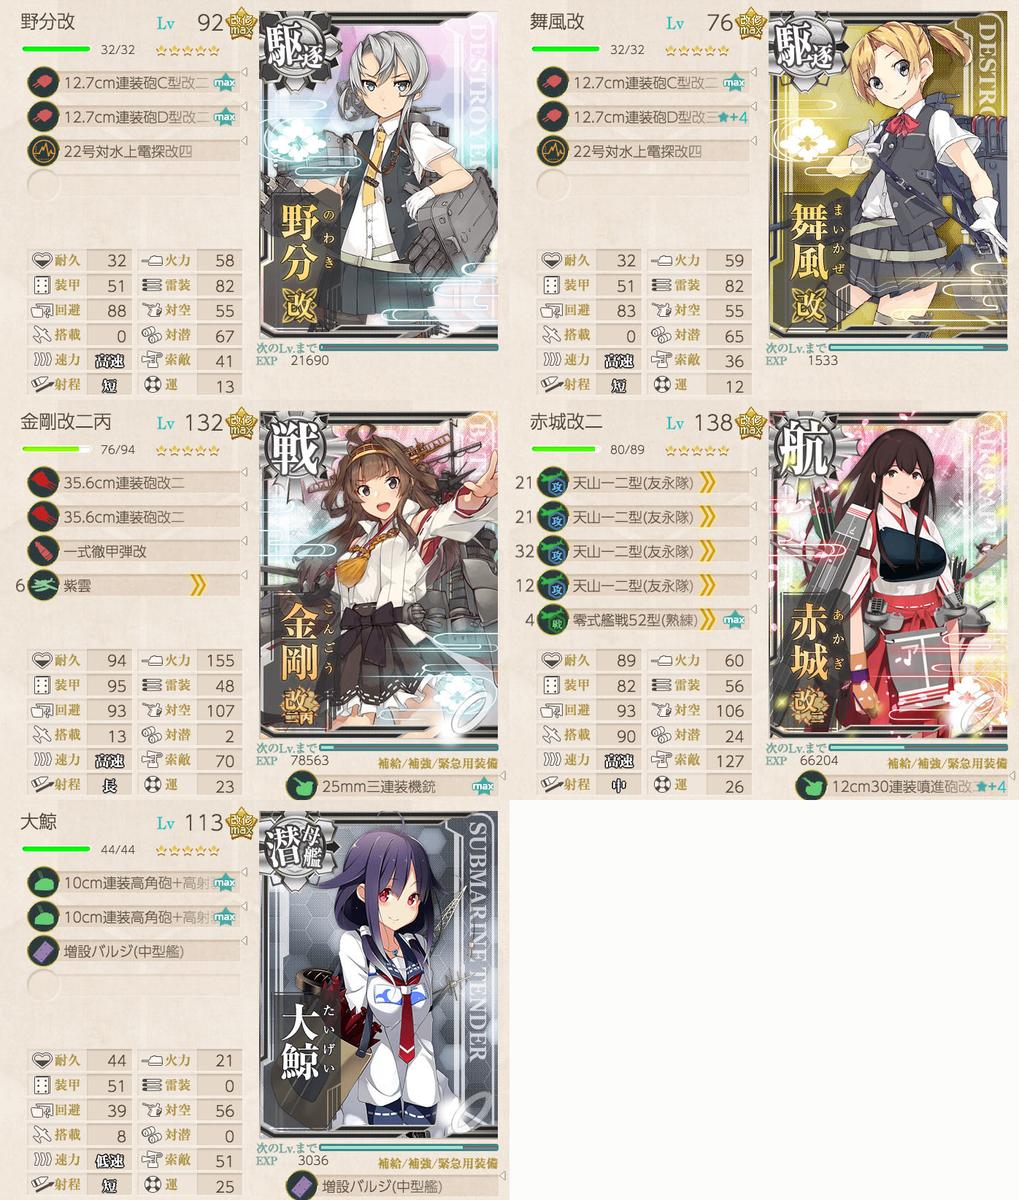 f:id:nameless_admiral:20201019134826j:plain